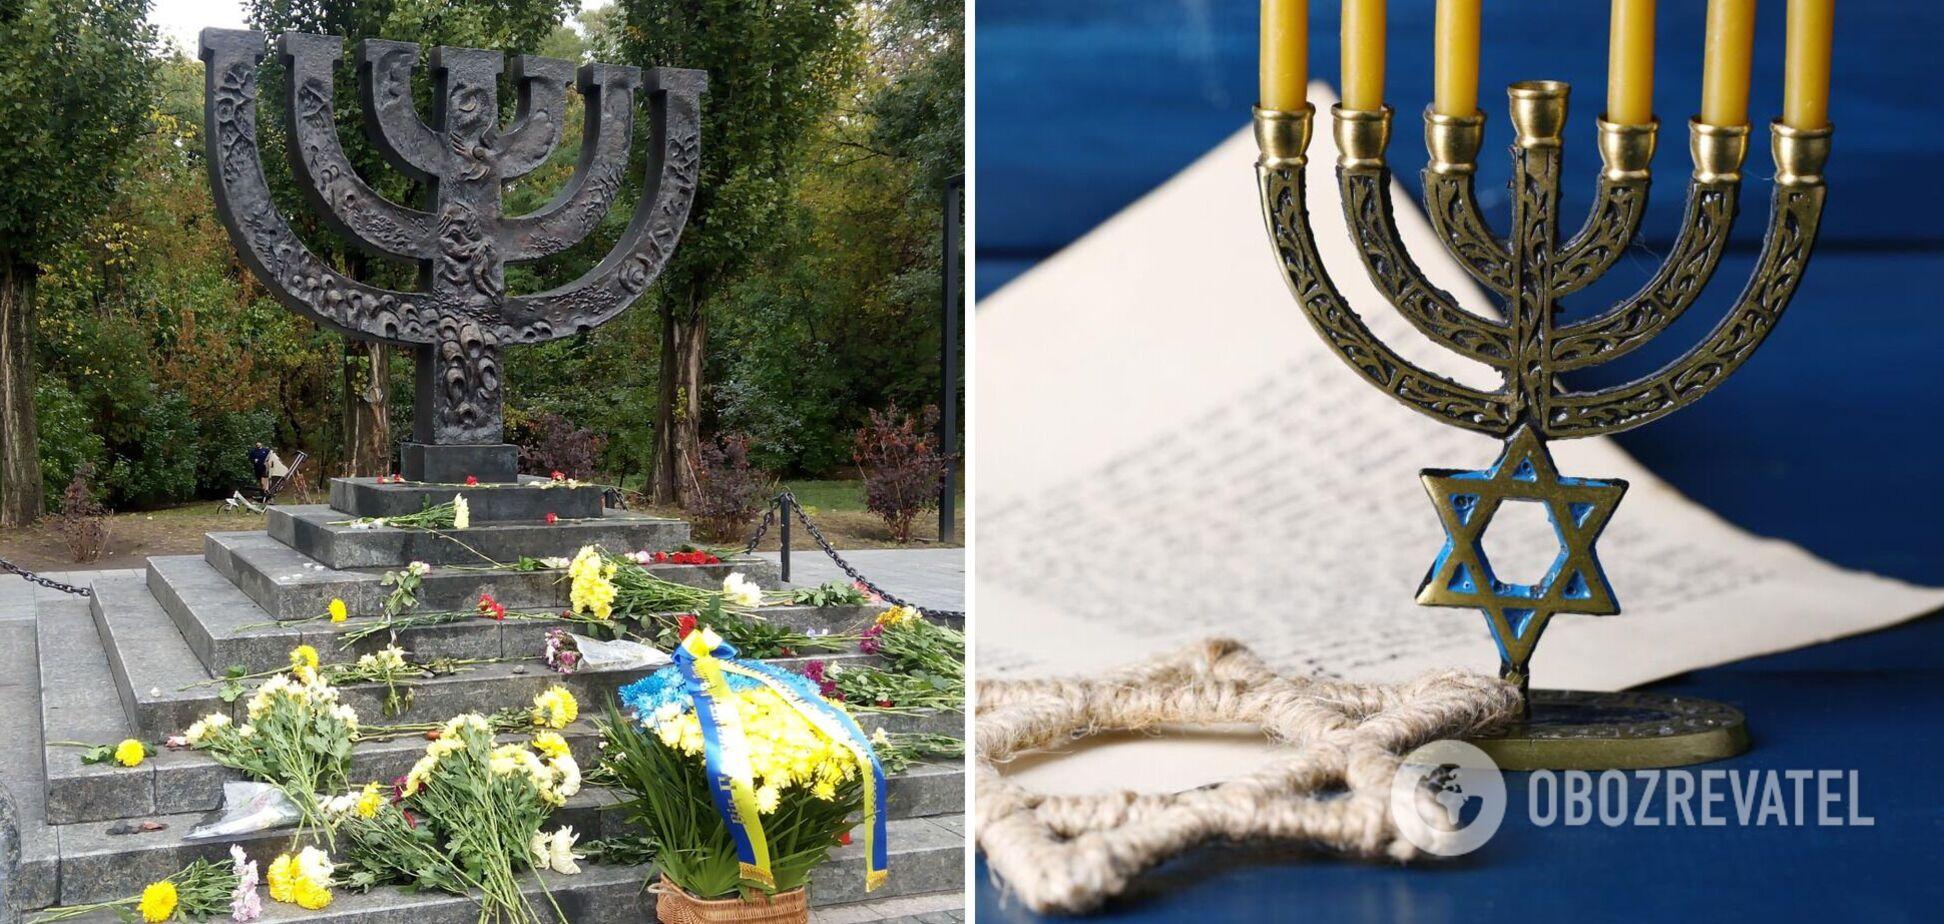 Єврейська конфедерація та 'Бабин Яр' видадуть книгу про українців, які рятували євреїв від нацистів